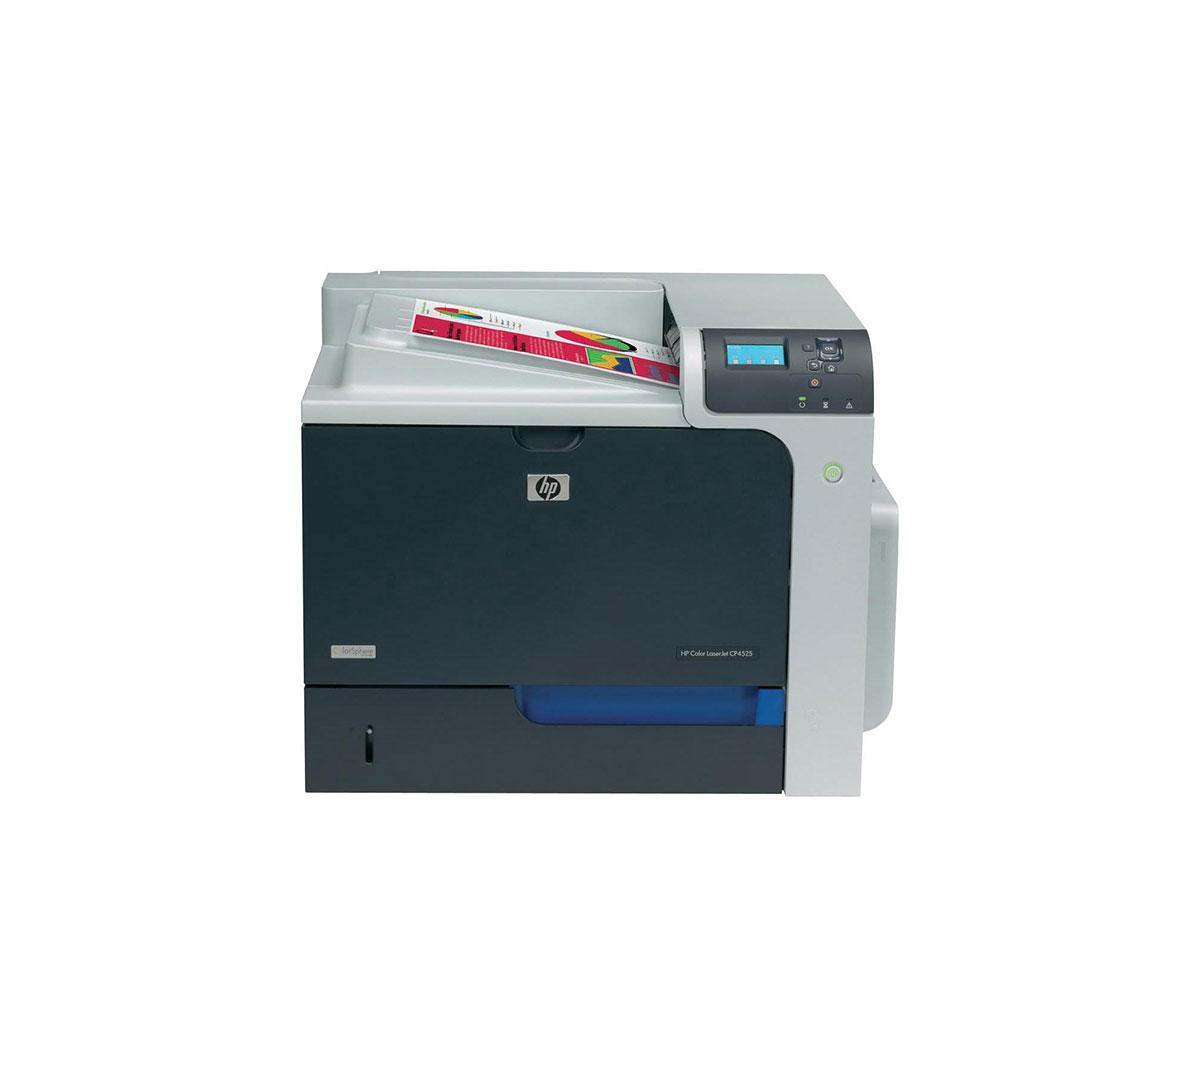 Farblaserdrucker gebraucht online kaufen vom Fachhandel